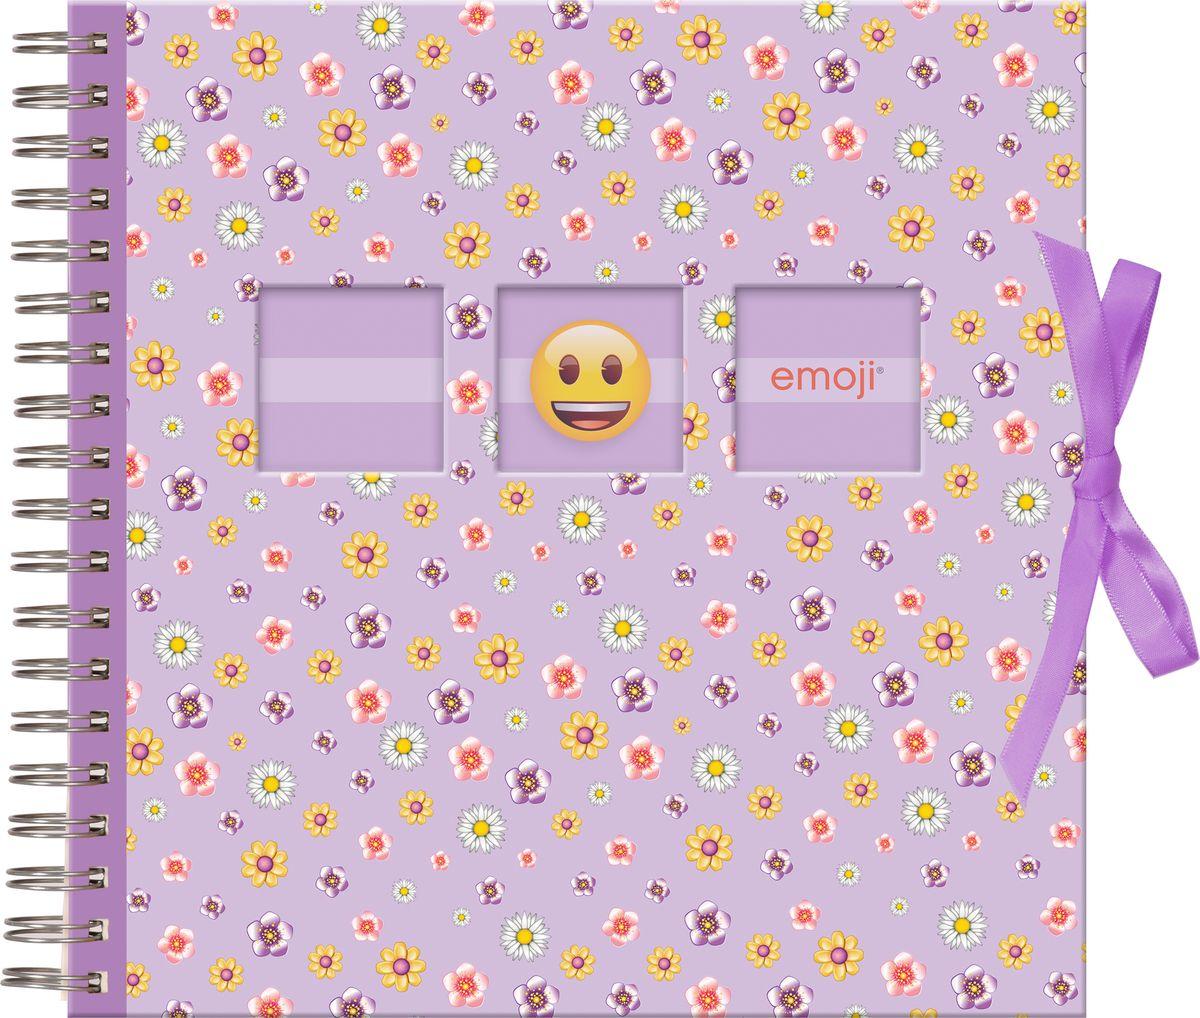 Фотоальбом Innova Emoji Spiral Bound Floral, цвет: фиолетовый, 25 х 25 смQ1607999Фотоальбом Innova имеет обложку из плотного картона.Альбом из 25 листов рассчитан на фотографии форматом 25 х 25 см. Страницы изготовлены из бумаги и пластика, они закреплены на спираль.. Дизайн фотоальбома посвящен любимым смайликам Emoji.Фотоальбом является универсальным подарком к любому празднику. Родным, близким и просто знакомым будет приятно помещать фотографии в этот альбом.